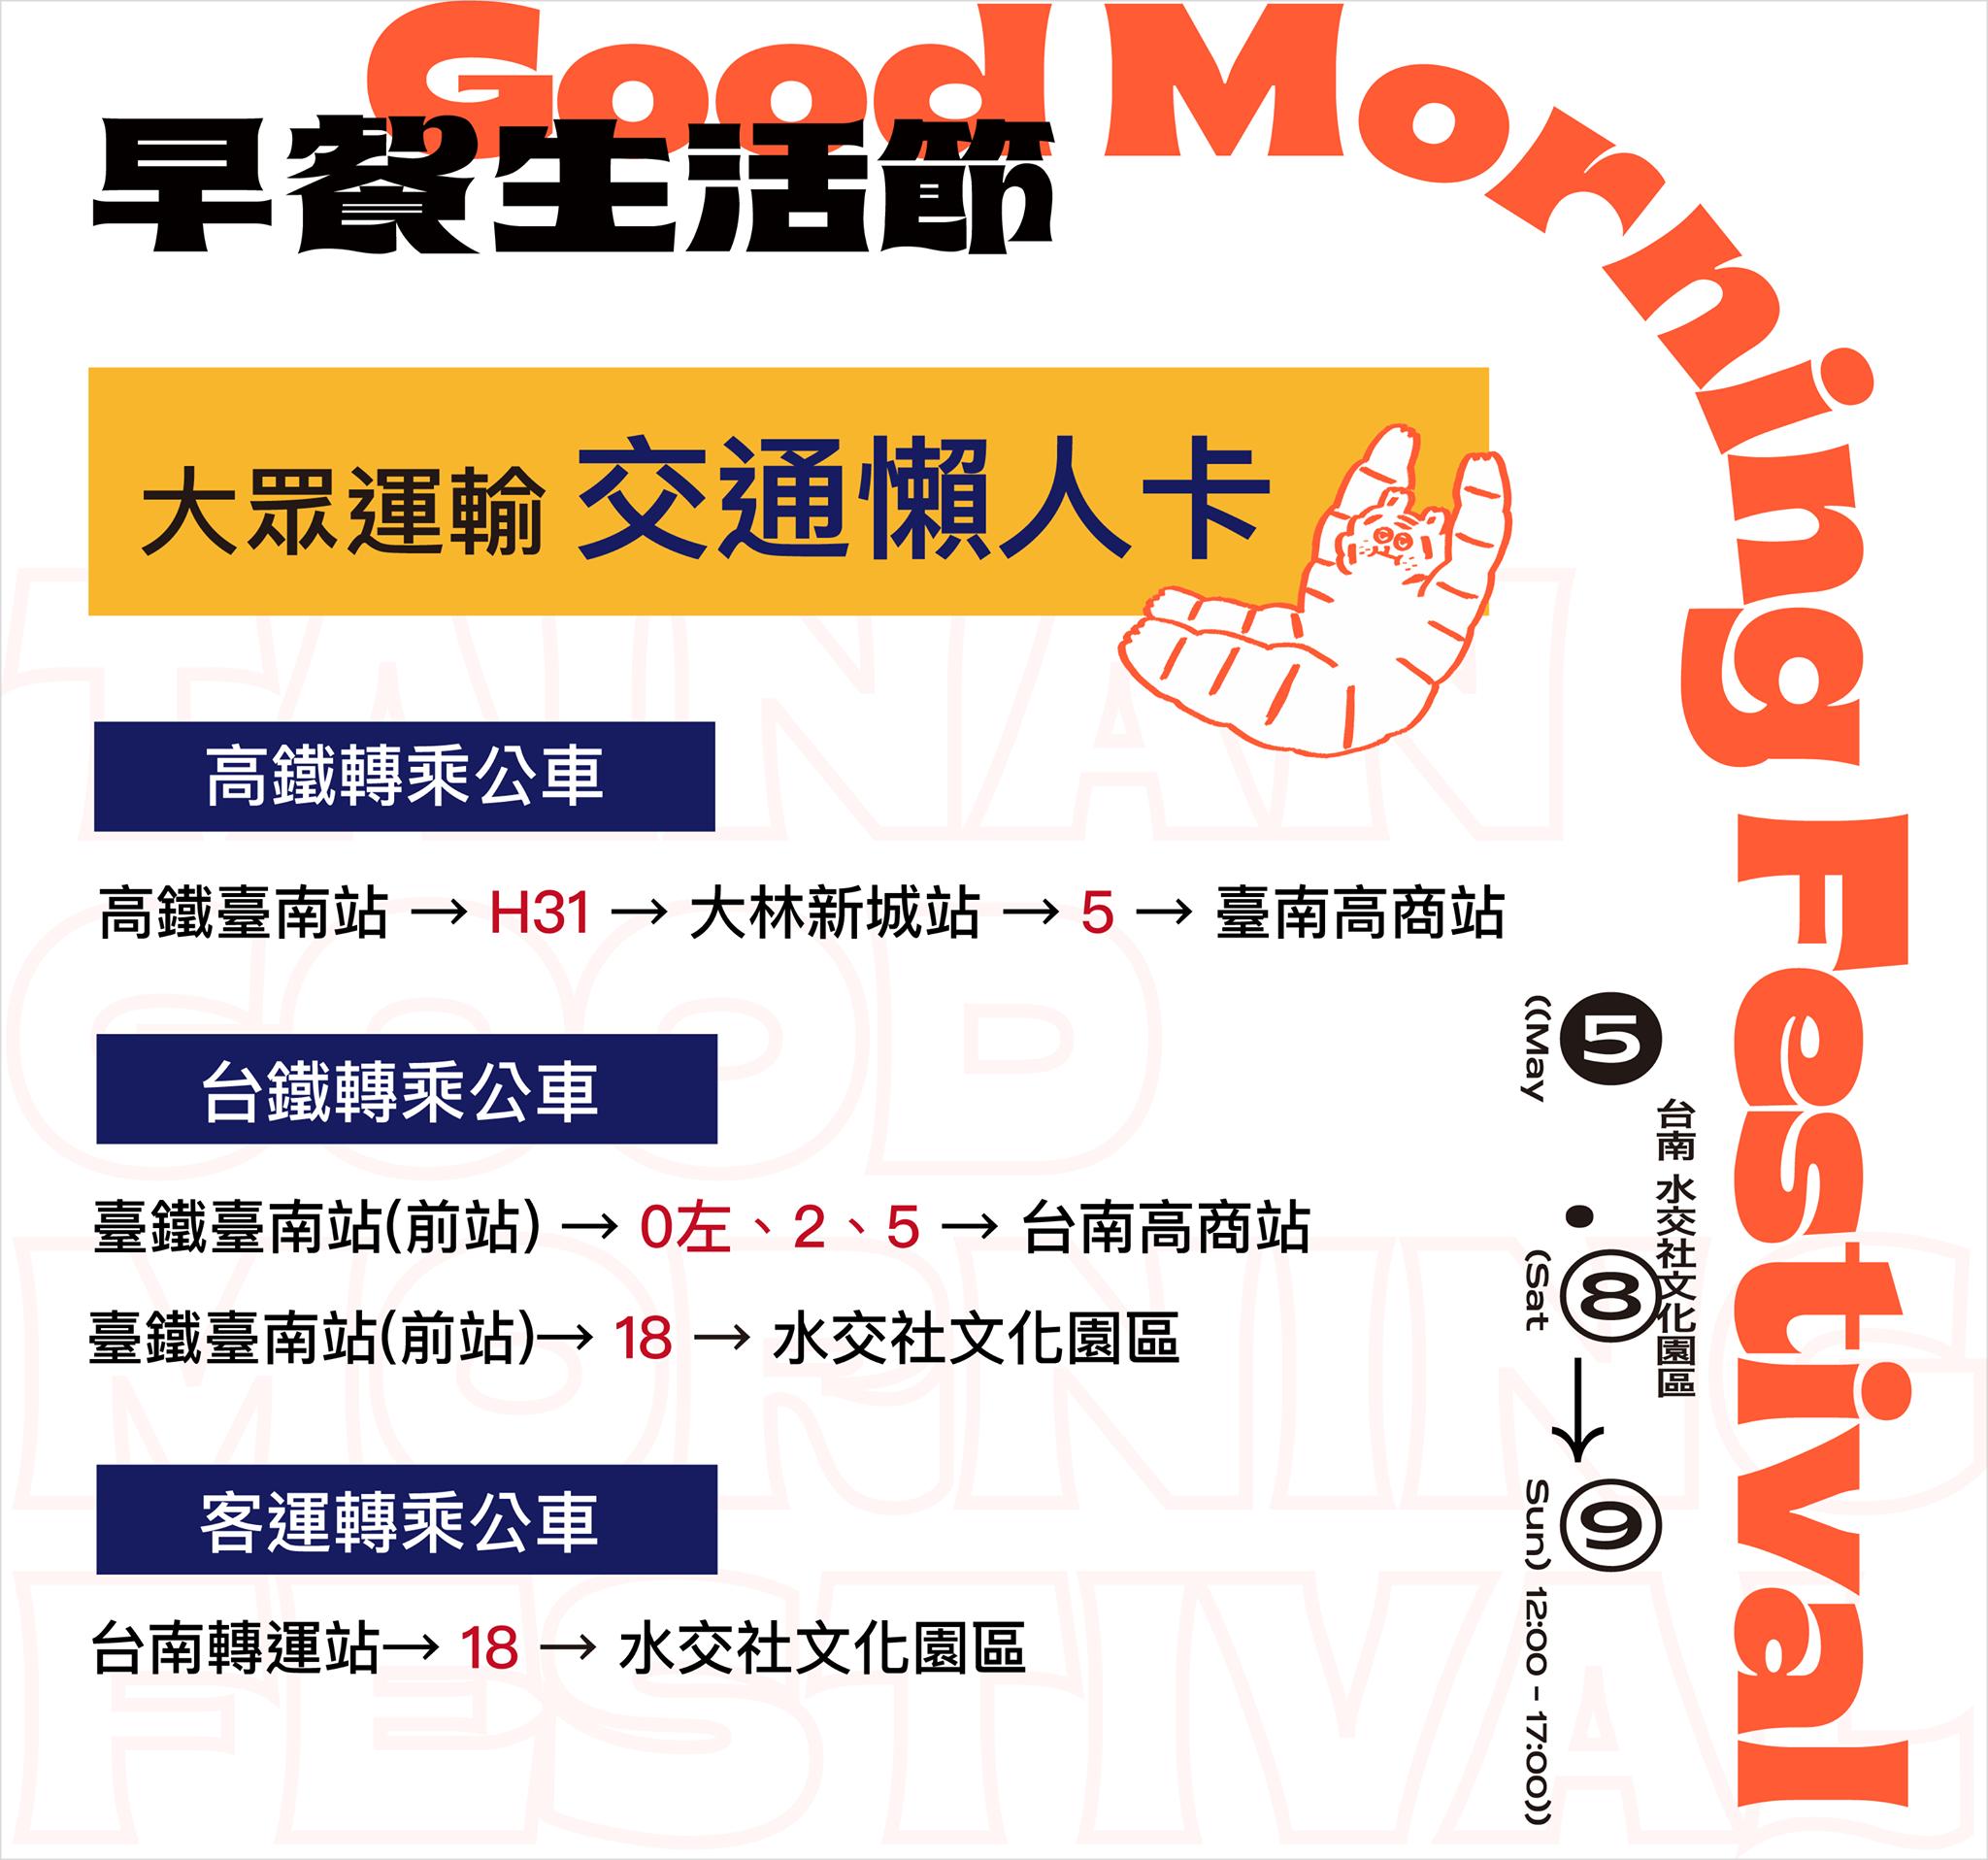 2021台南早餐生活節。100種早餐生活提案 5/8、5/9水交社文化園區